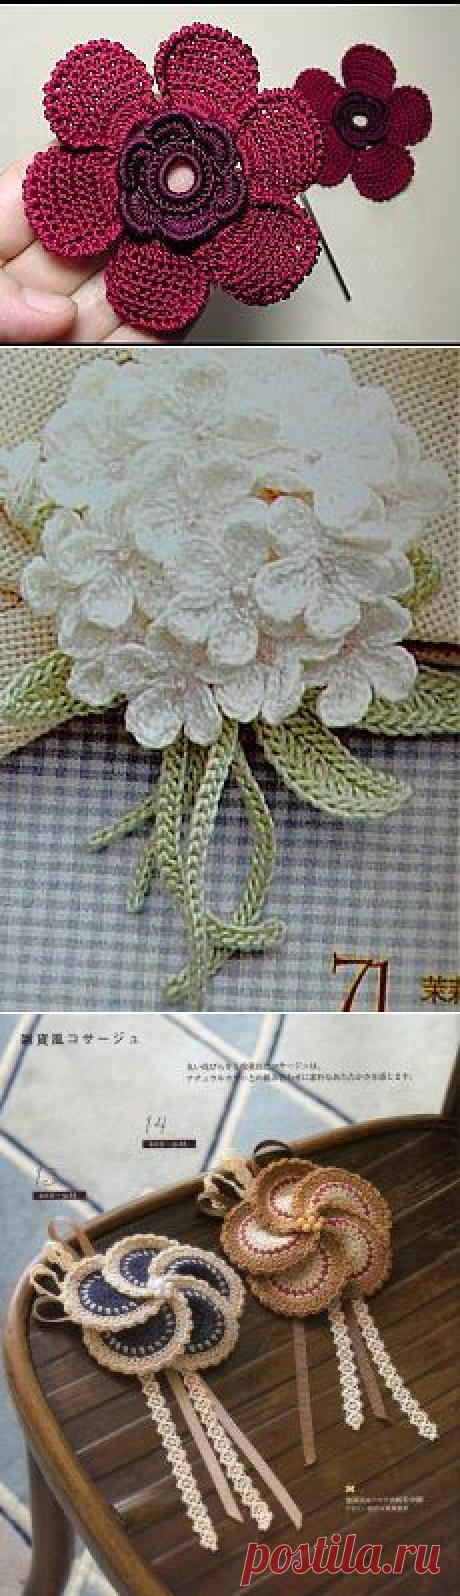 Поиск на Постиле: цветы крючком